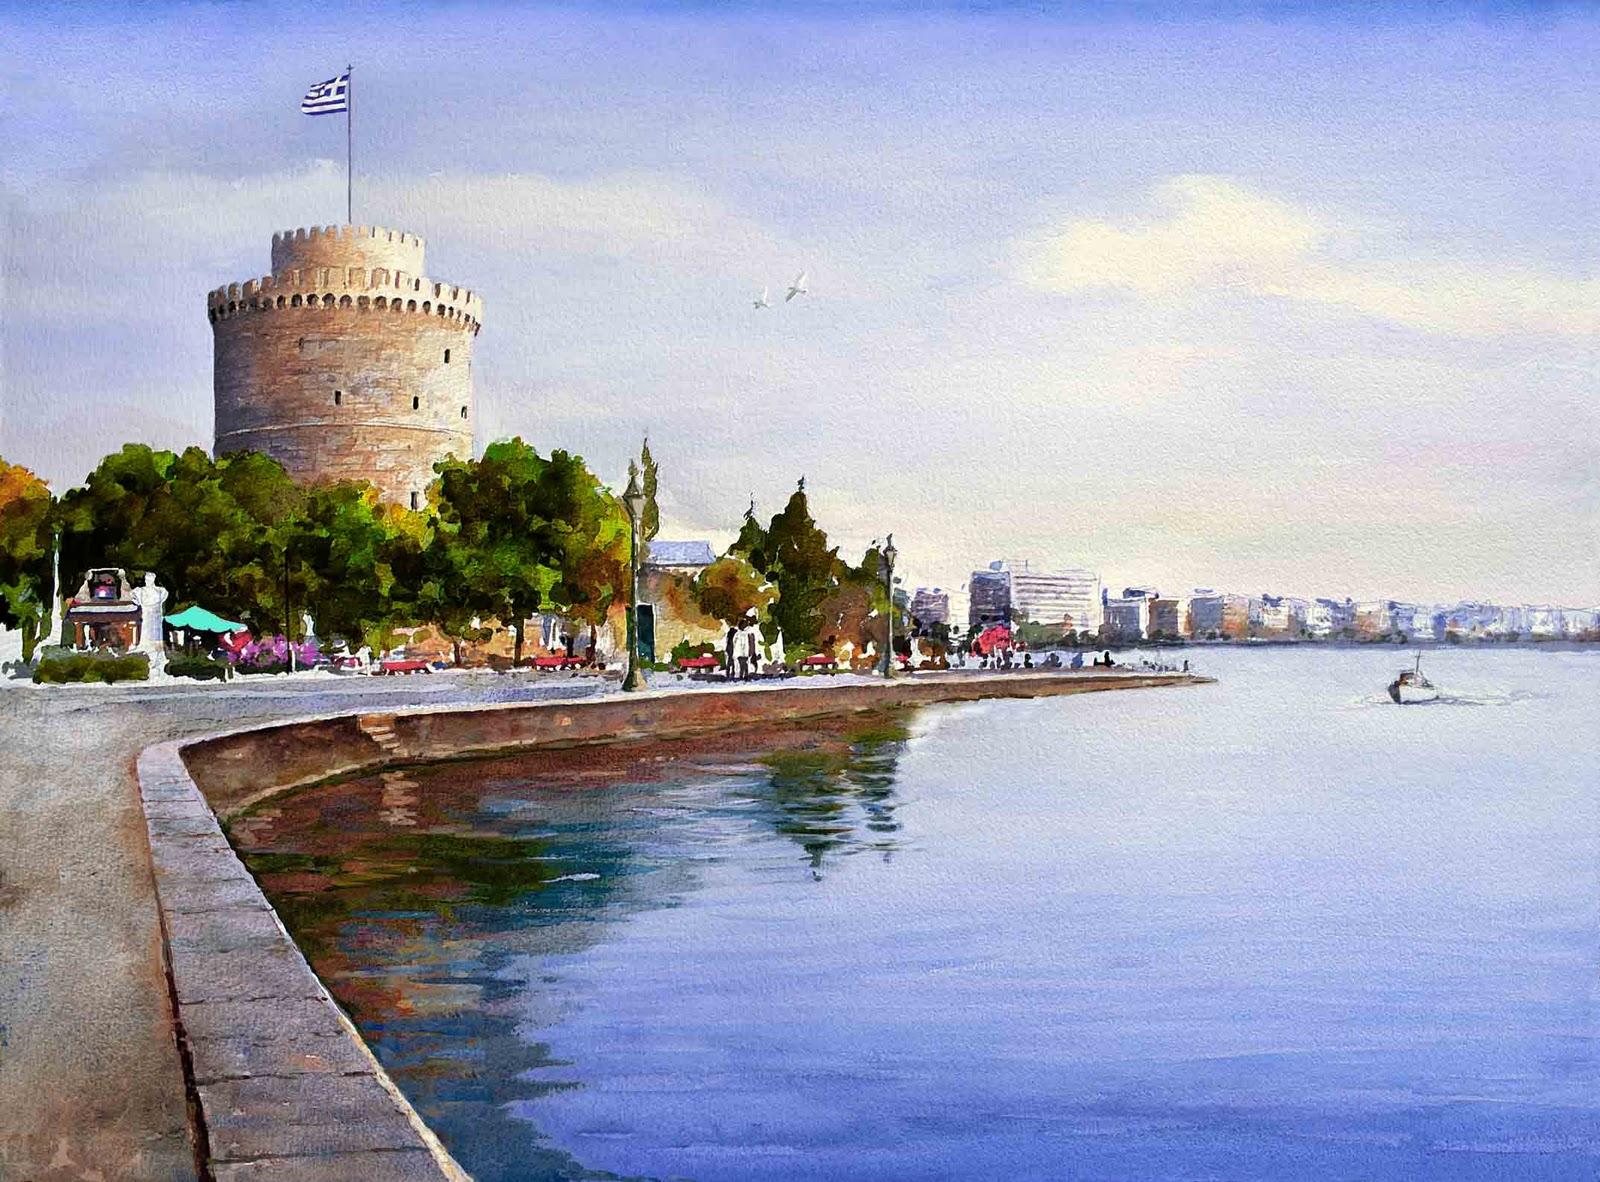 ............ Ιστορία της Θεσσαλονίκης ............